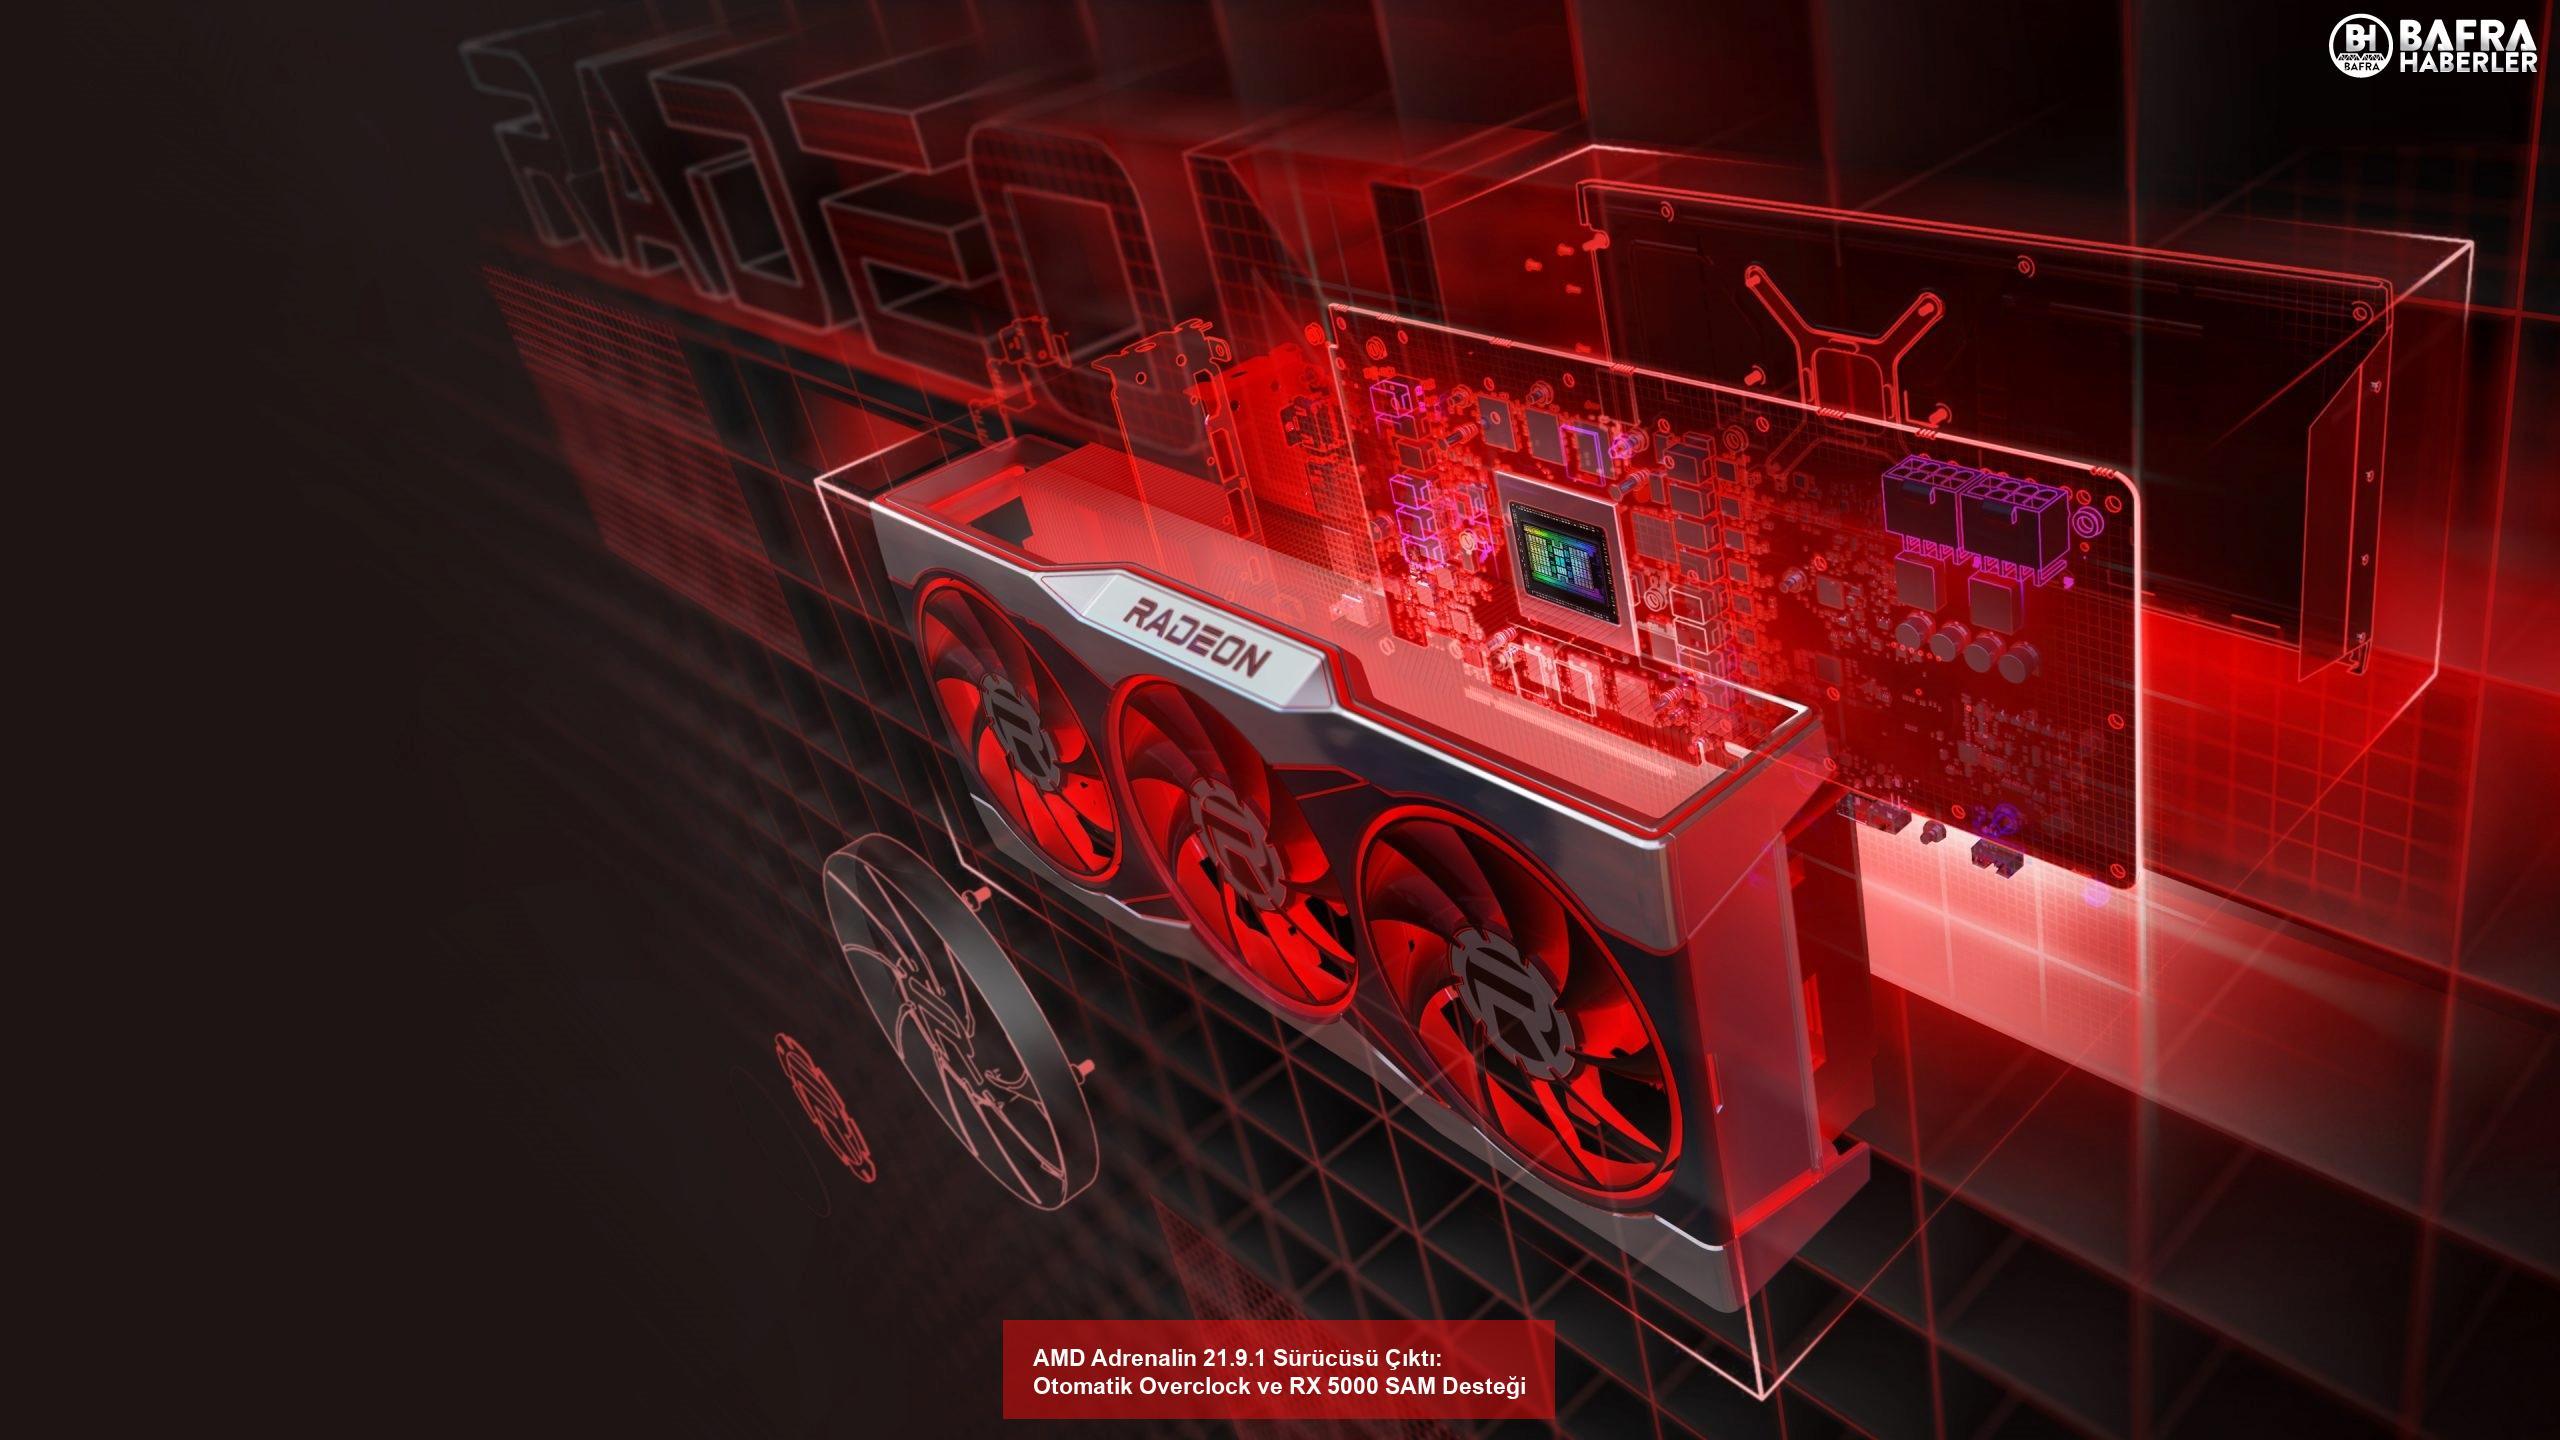 amd adrenalin 21.9.1 sürücüsü çıktı: otomatik overclock ve rx 5000 sam desteği 2